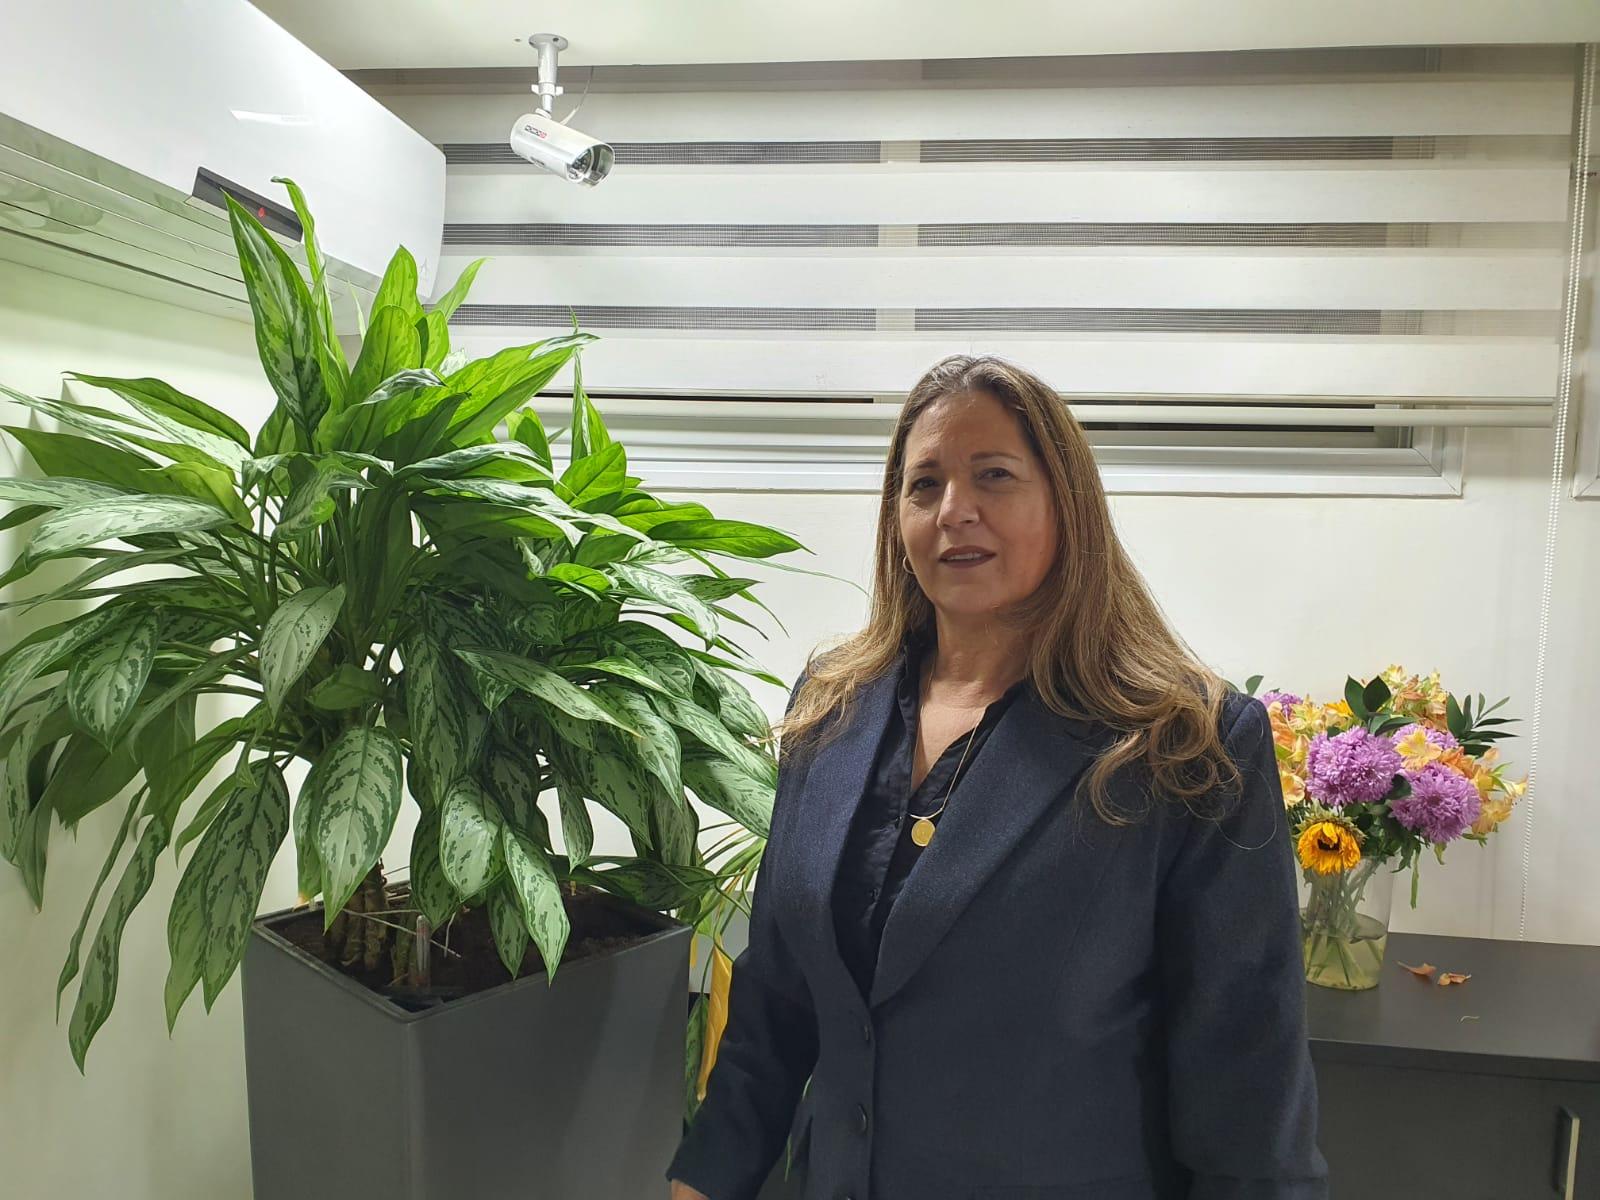 אוסנת רון-רסקי, מנהלת חדשה באגף החינוך בעיריית קרית שמונה